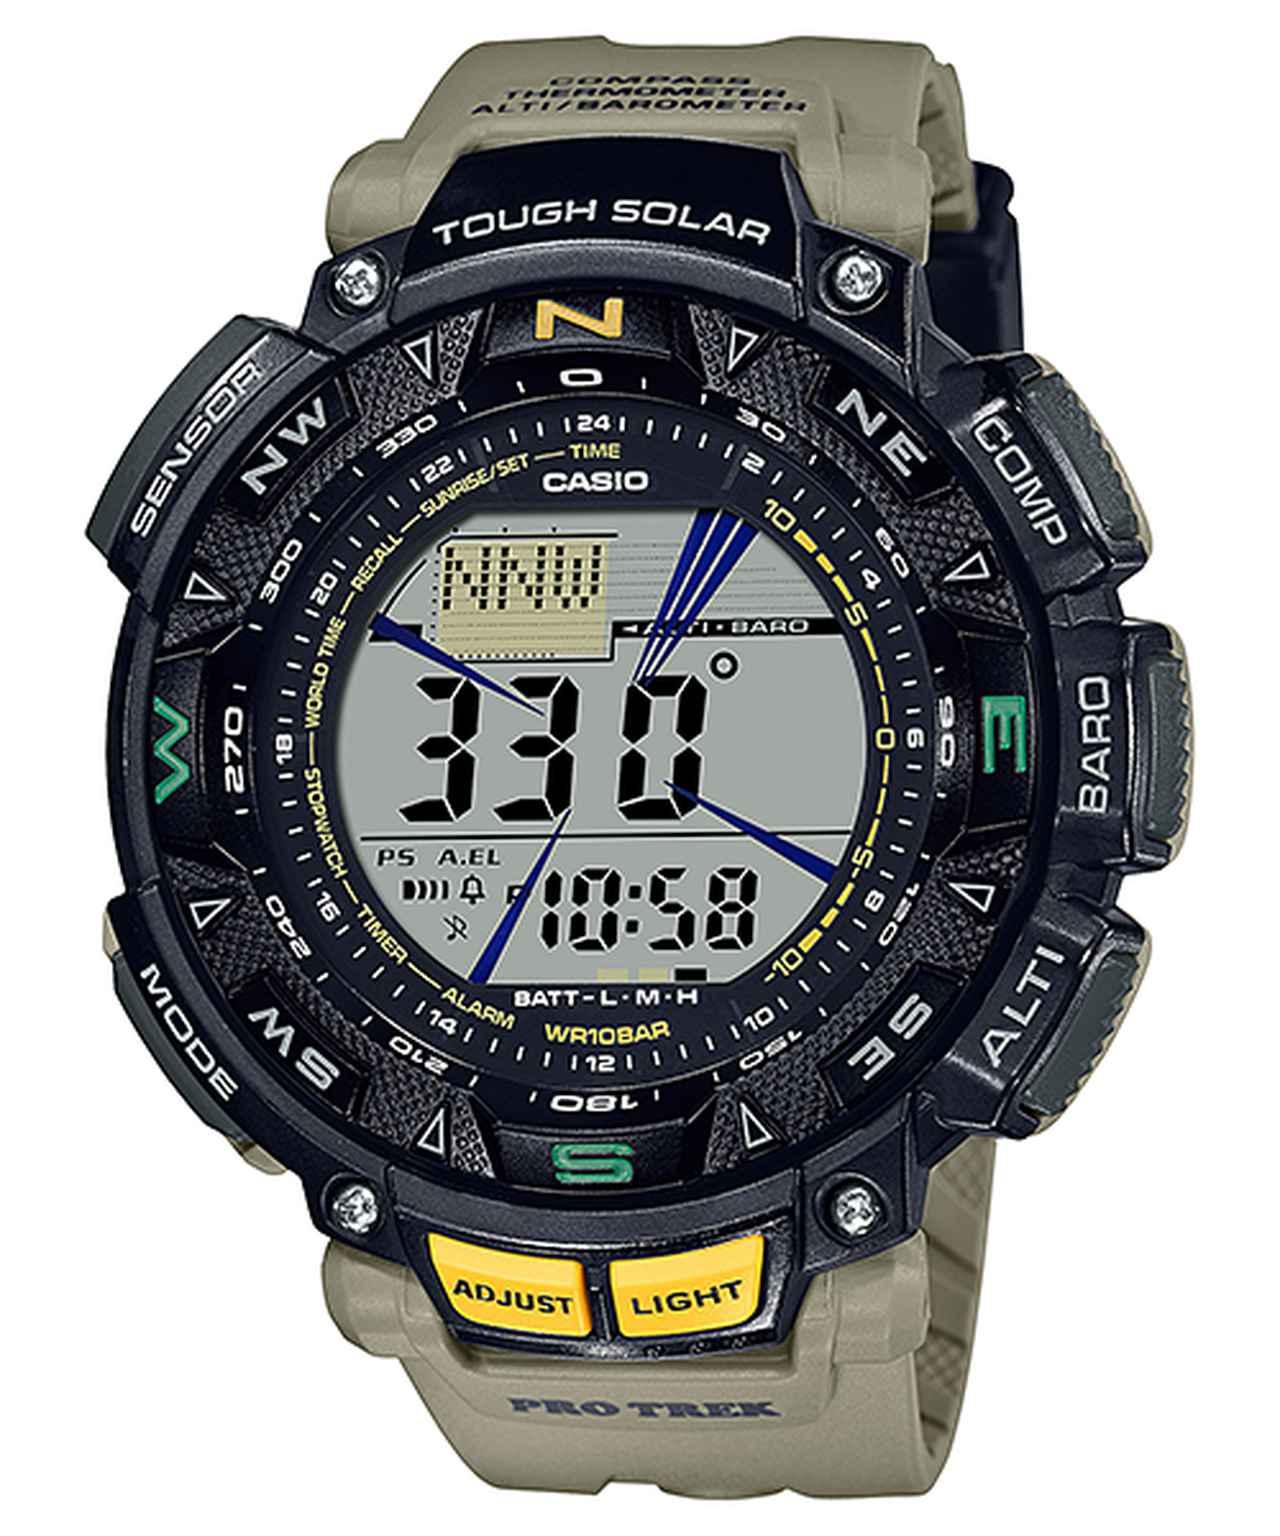 画像6: アウトドア好きの物欲をくすぐるデザインと機能! カシオのプロトレックから腕時計の新製品が登場